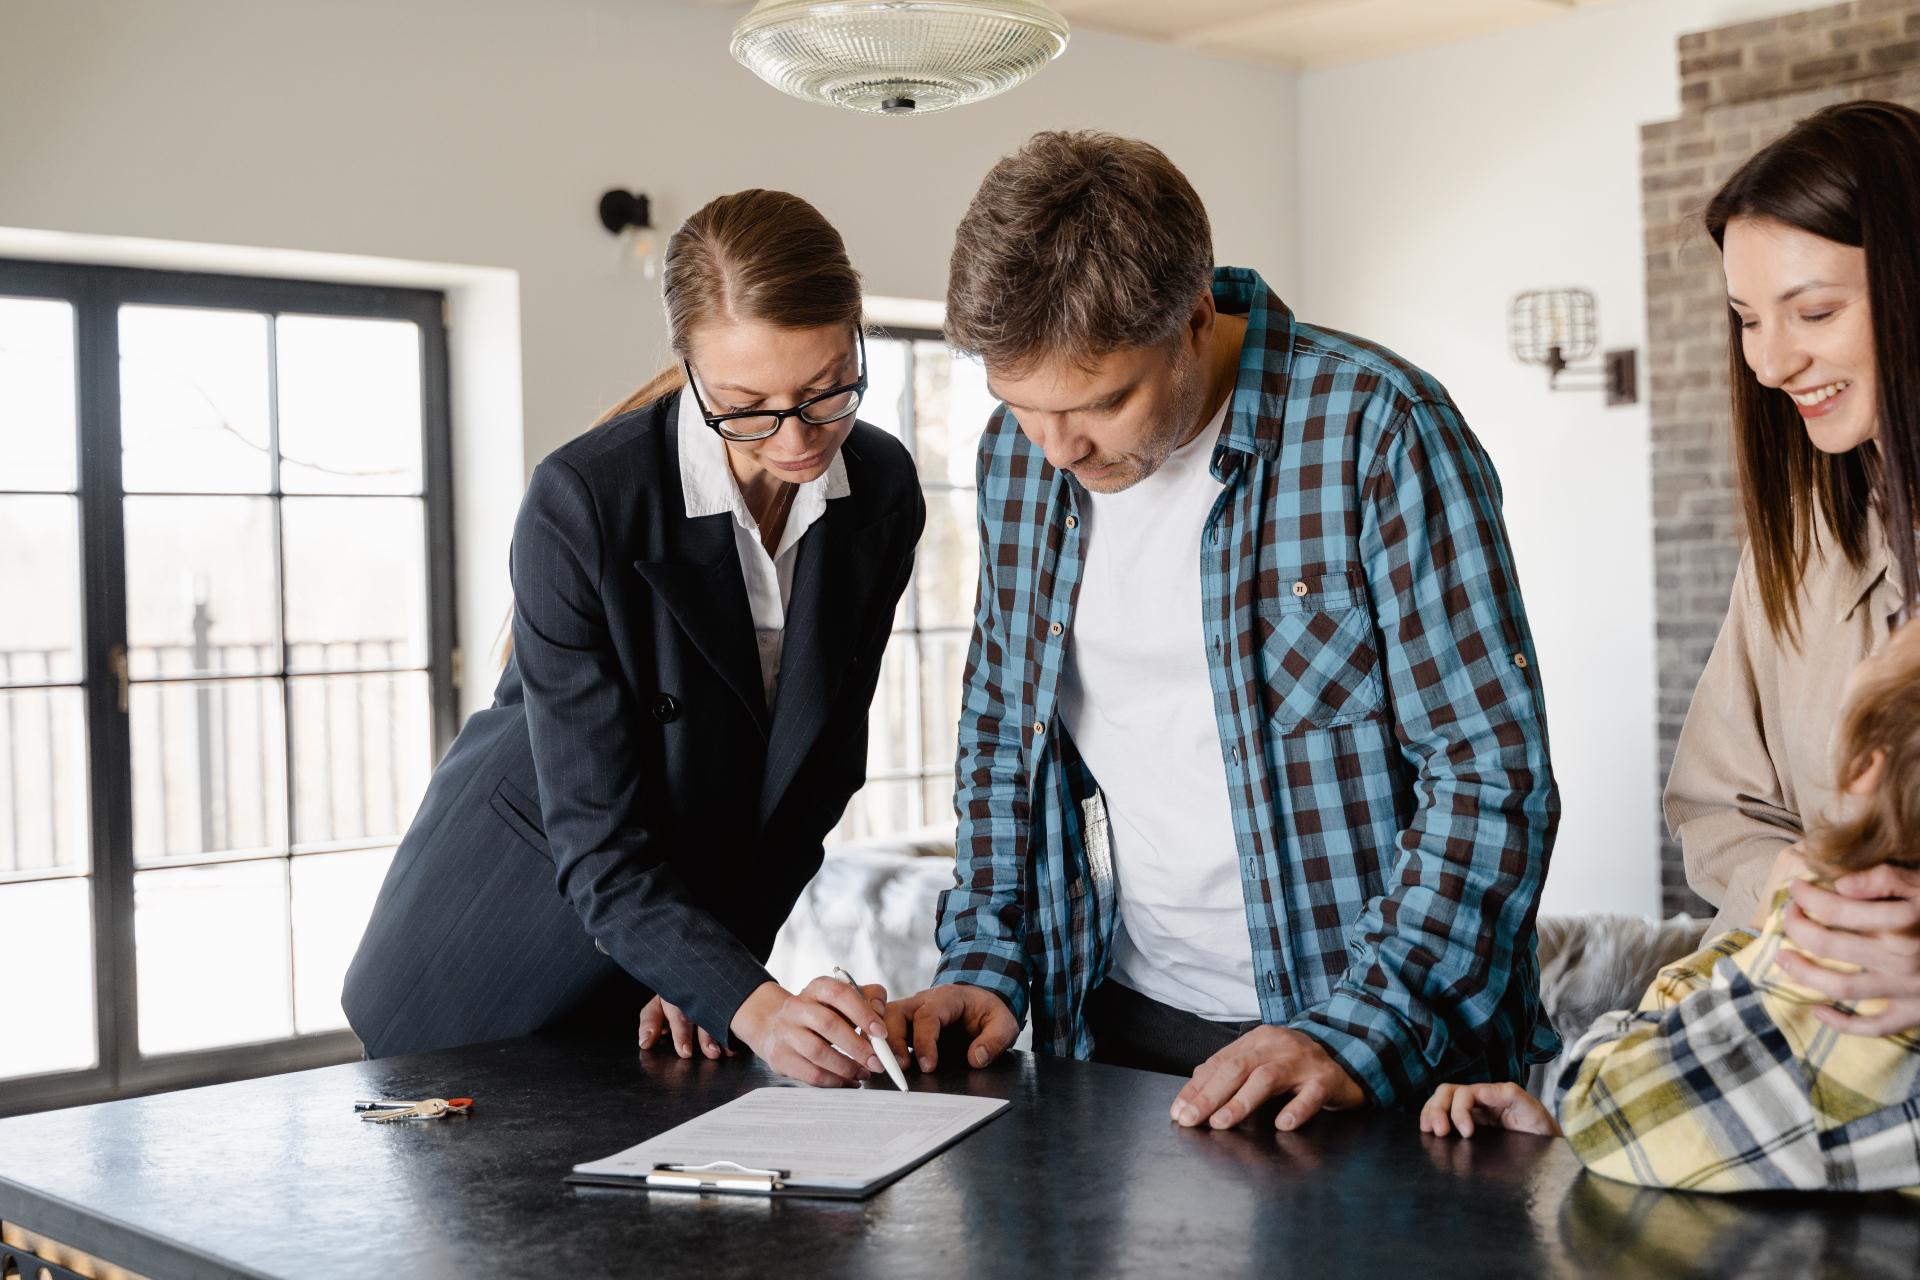 Перед продажей нужно собрать полнуюинформацию о своем объекте, найти все документы о праве собственности